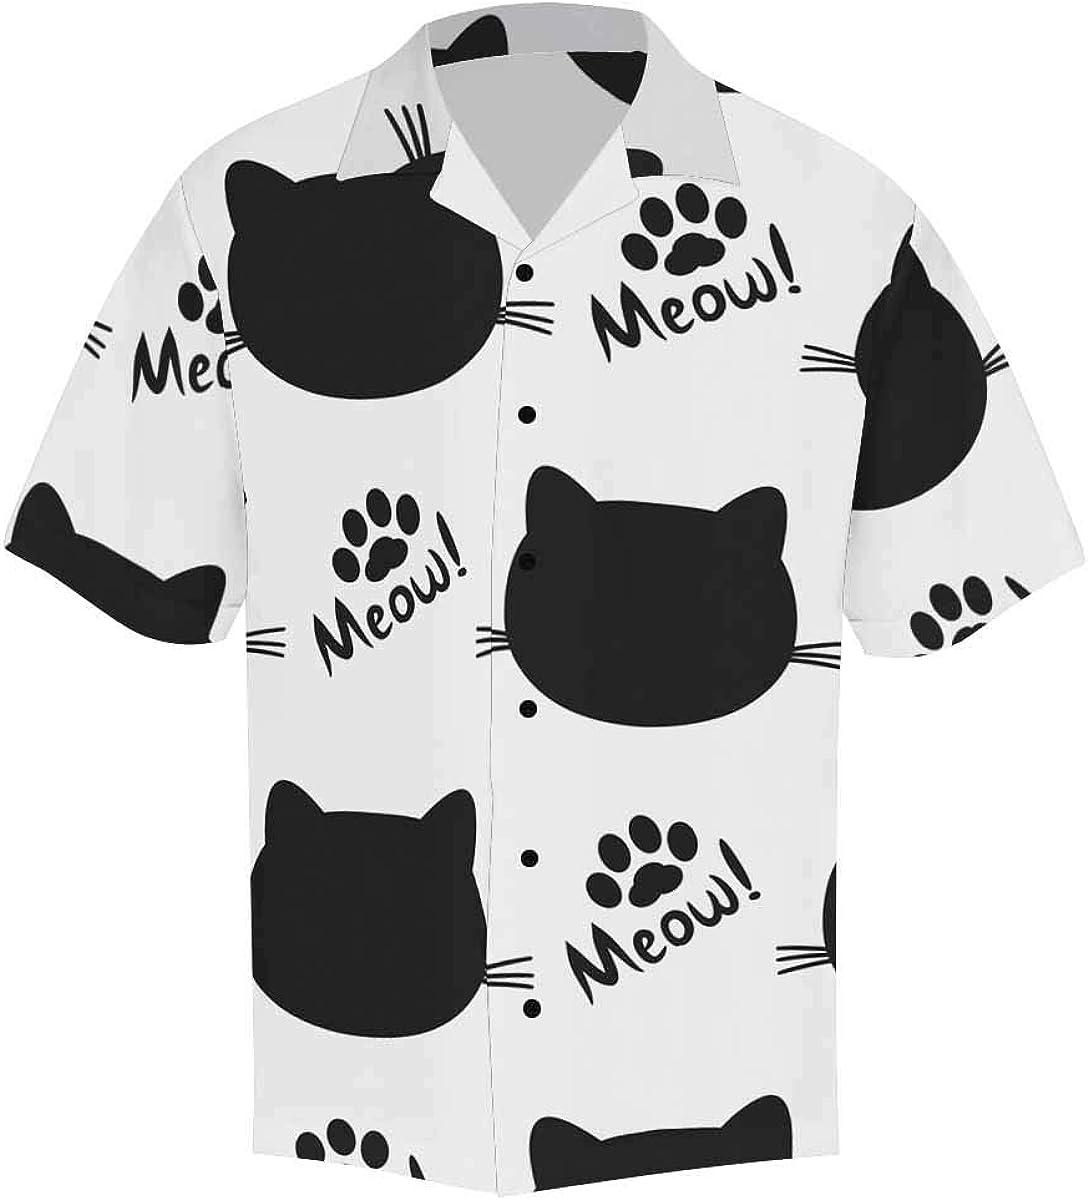 InterestPrint Men's Casual Button Down Short Sleeve Colored Cute Dinosaurs Hawaiian Shirt (S-5XL)